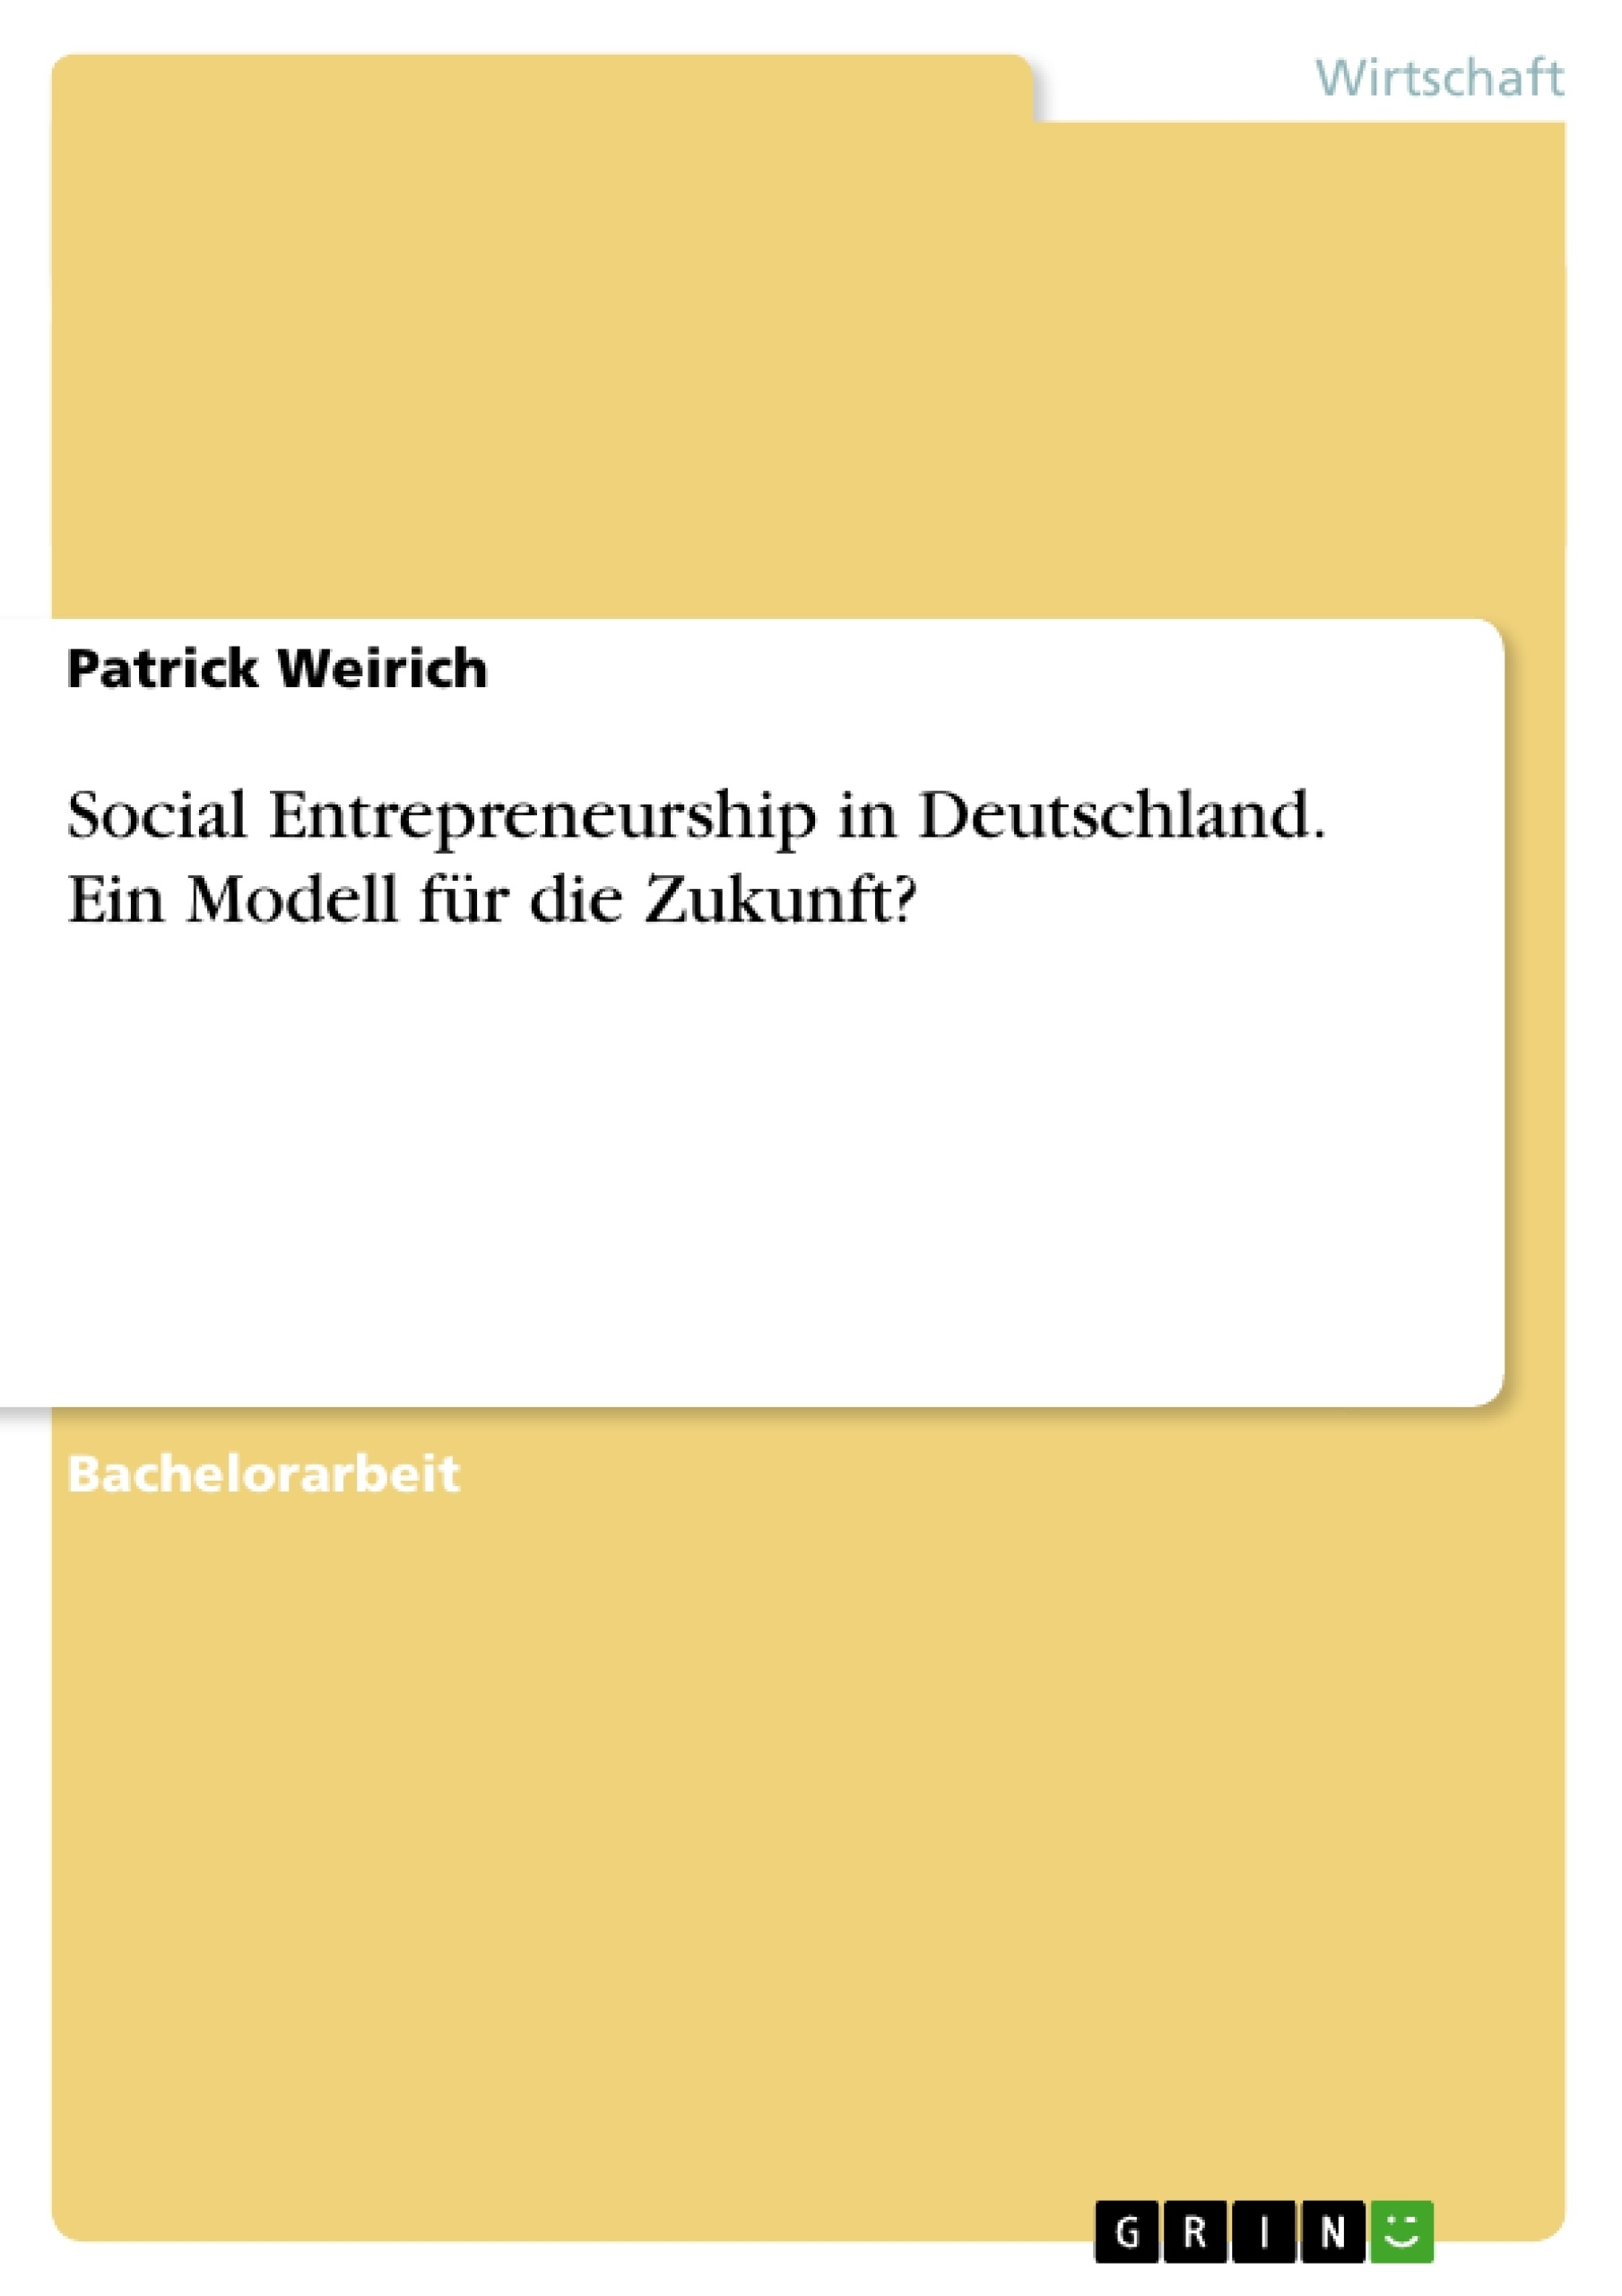 Titel: Social Entrepreneurship in Deutschland. Ein Modell für die Zukunft?